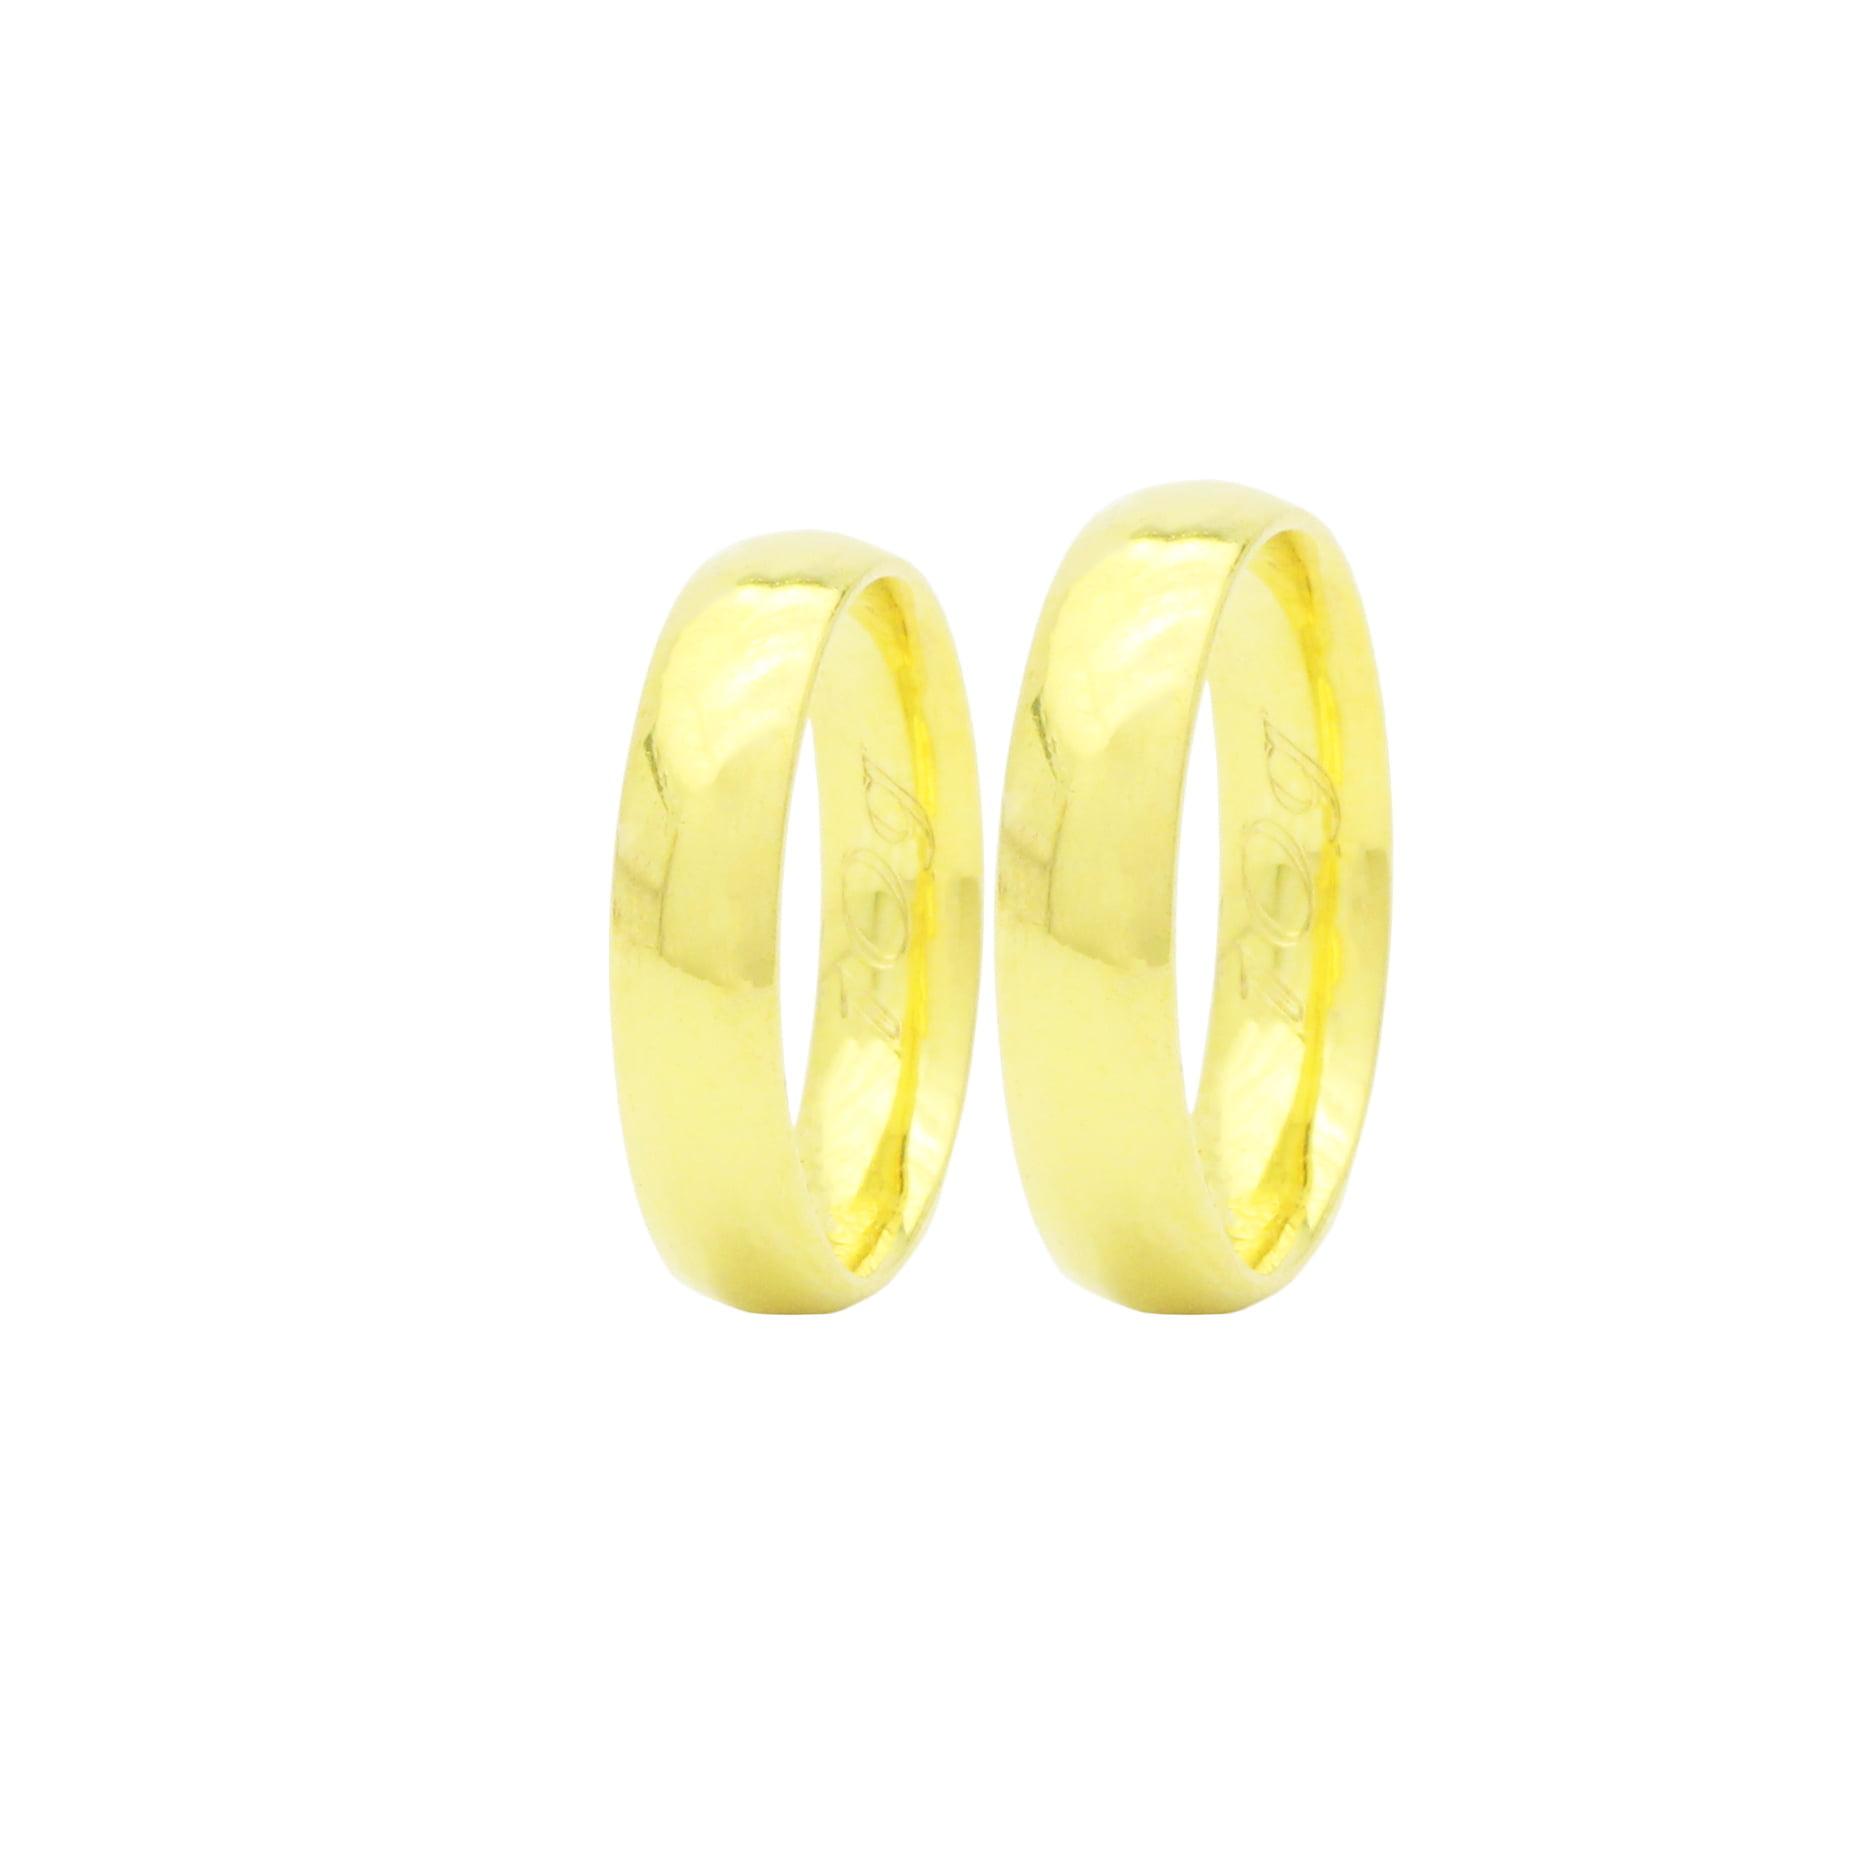 Par de Alianças em Ouro 18k 10 gramas 5mm de largura – Abaulada Lisa Confort